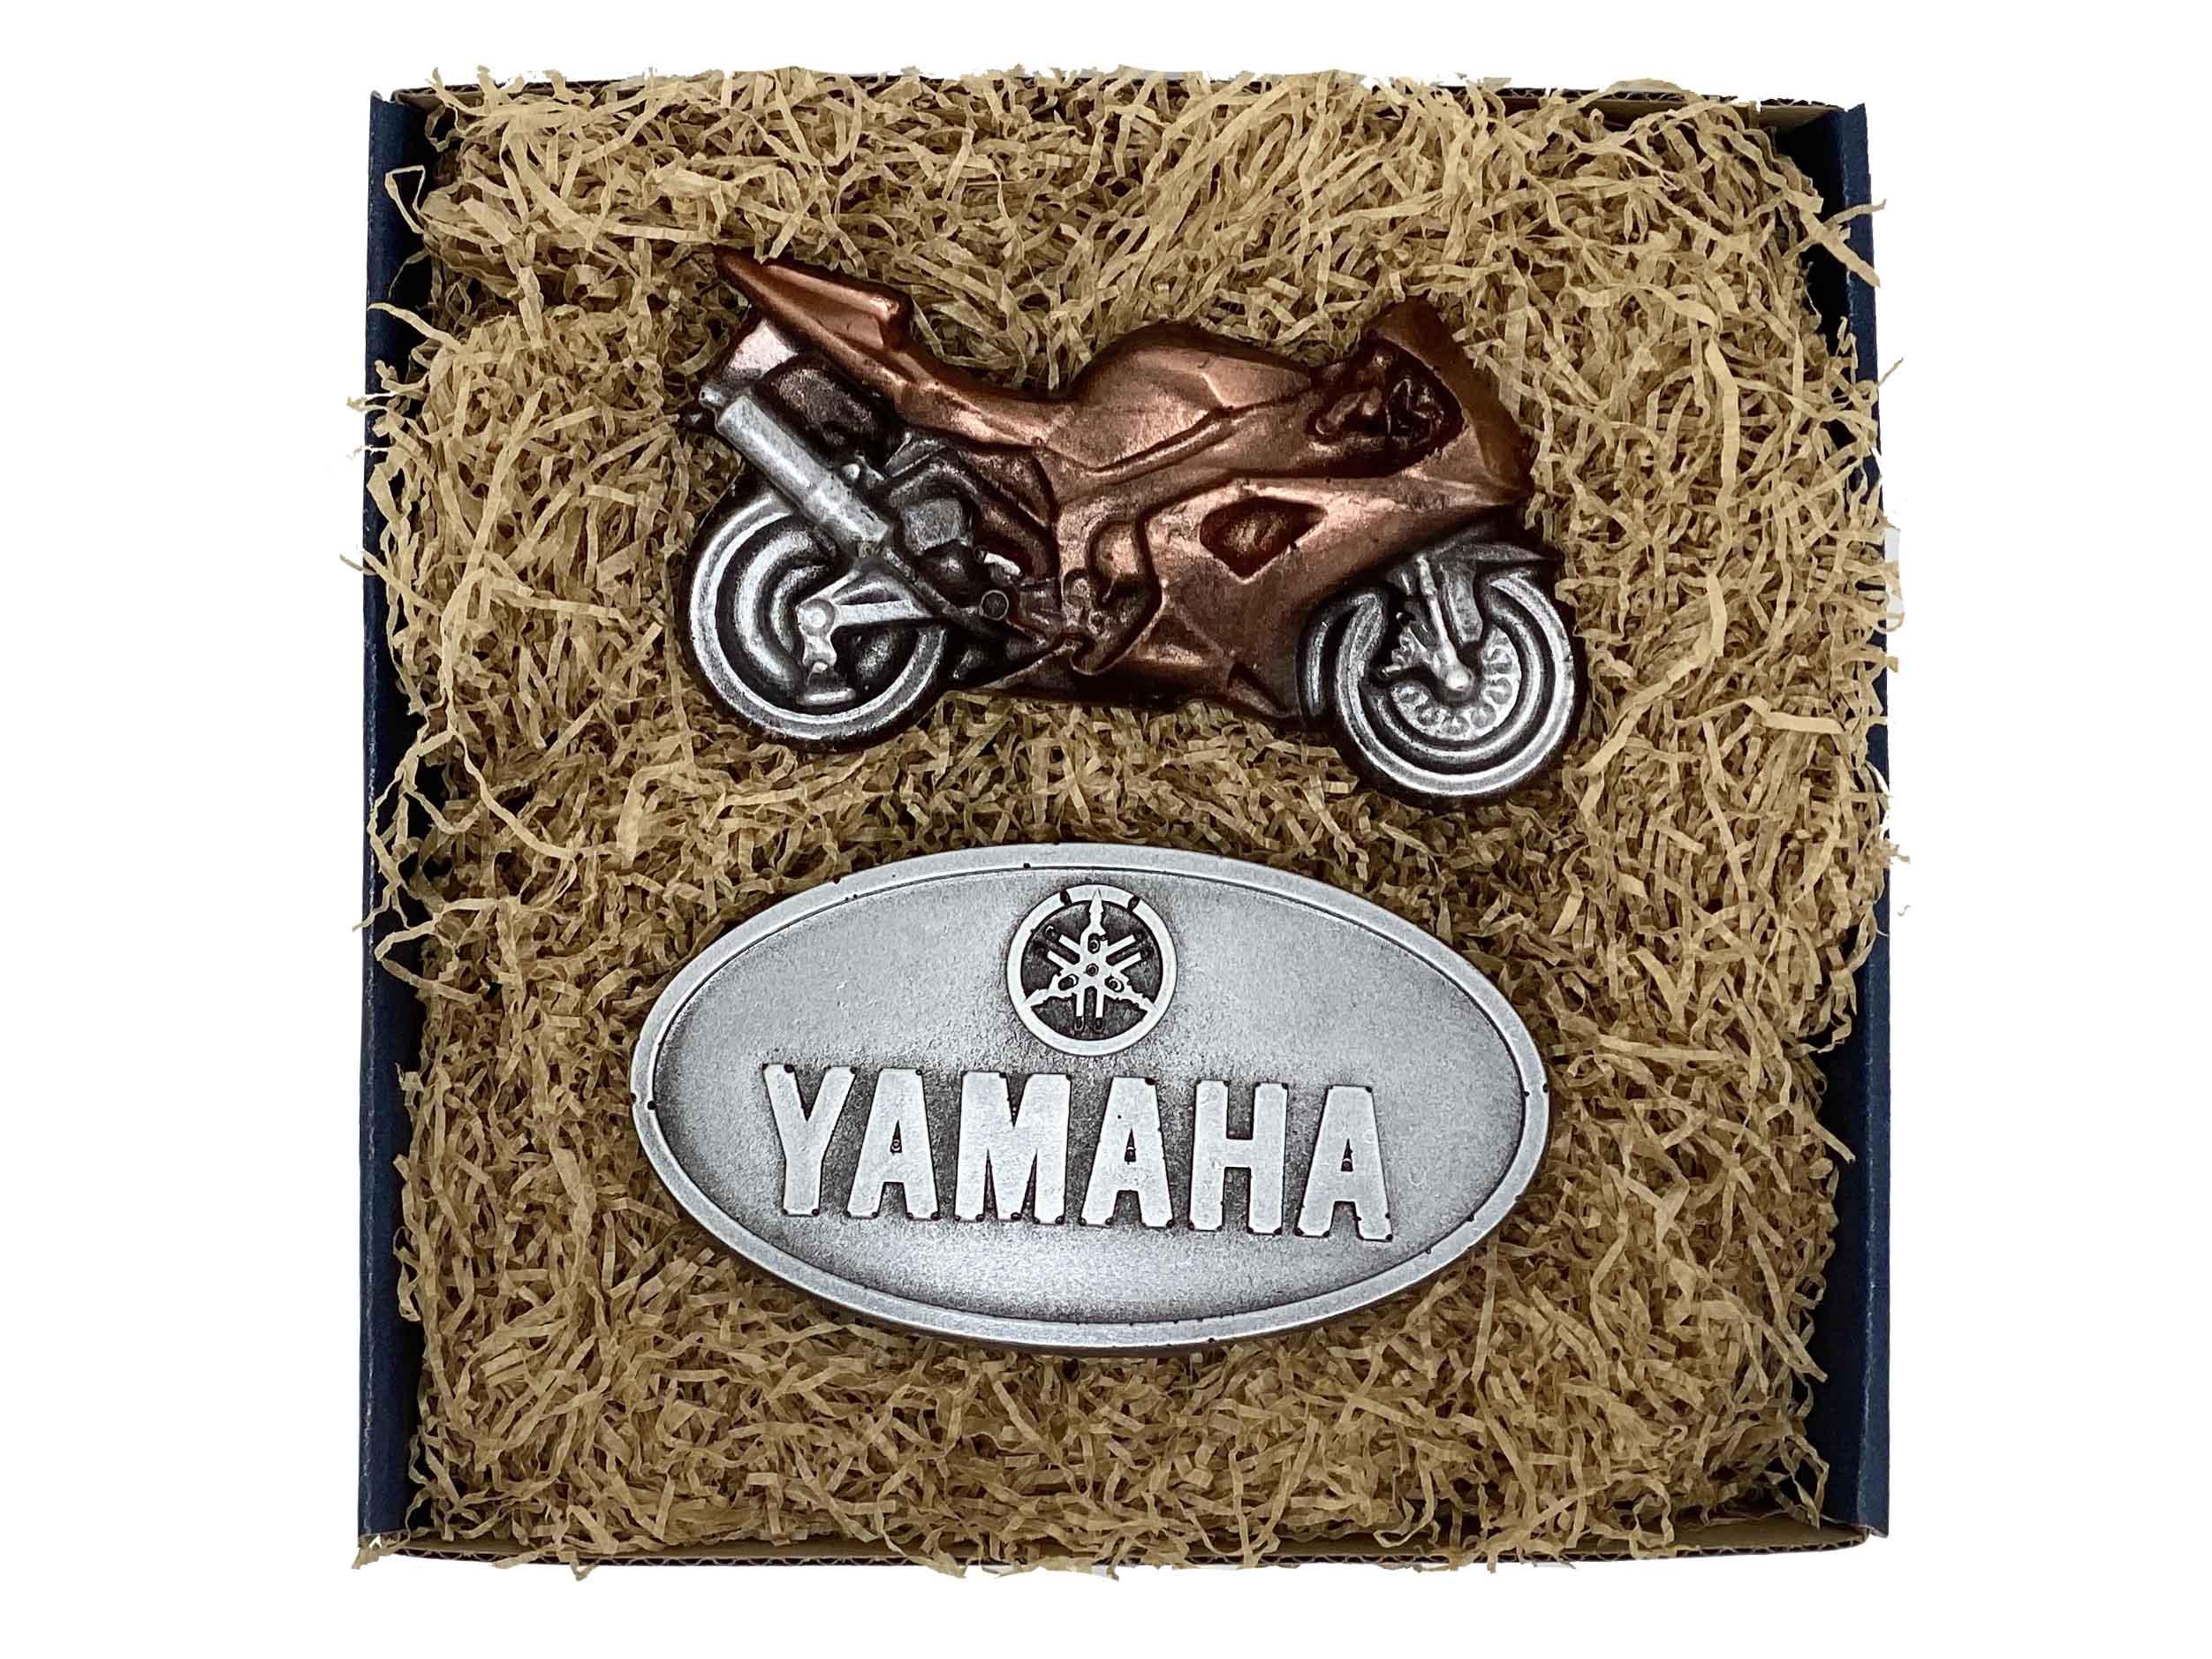 Levně Čokolandia Yamaha - Čokoládový znak s motorkou